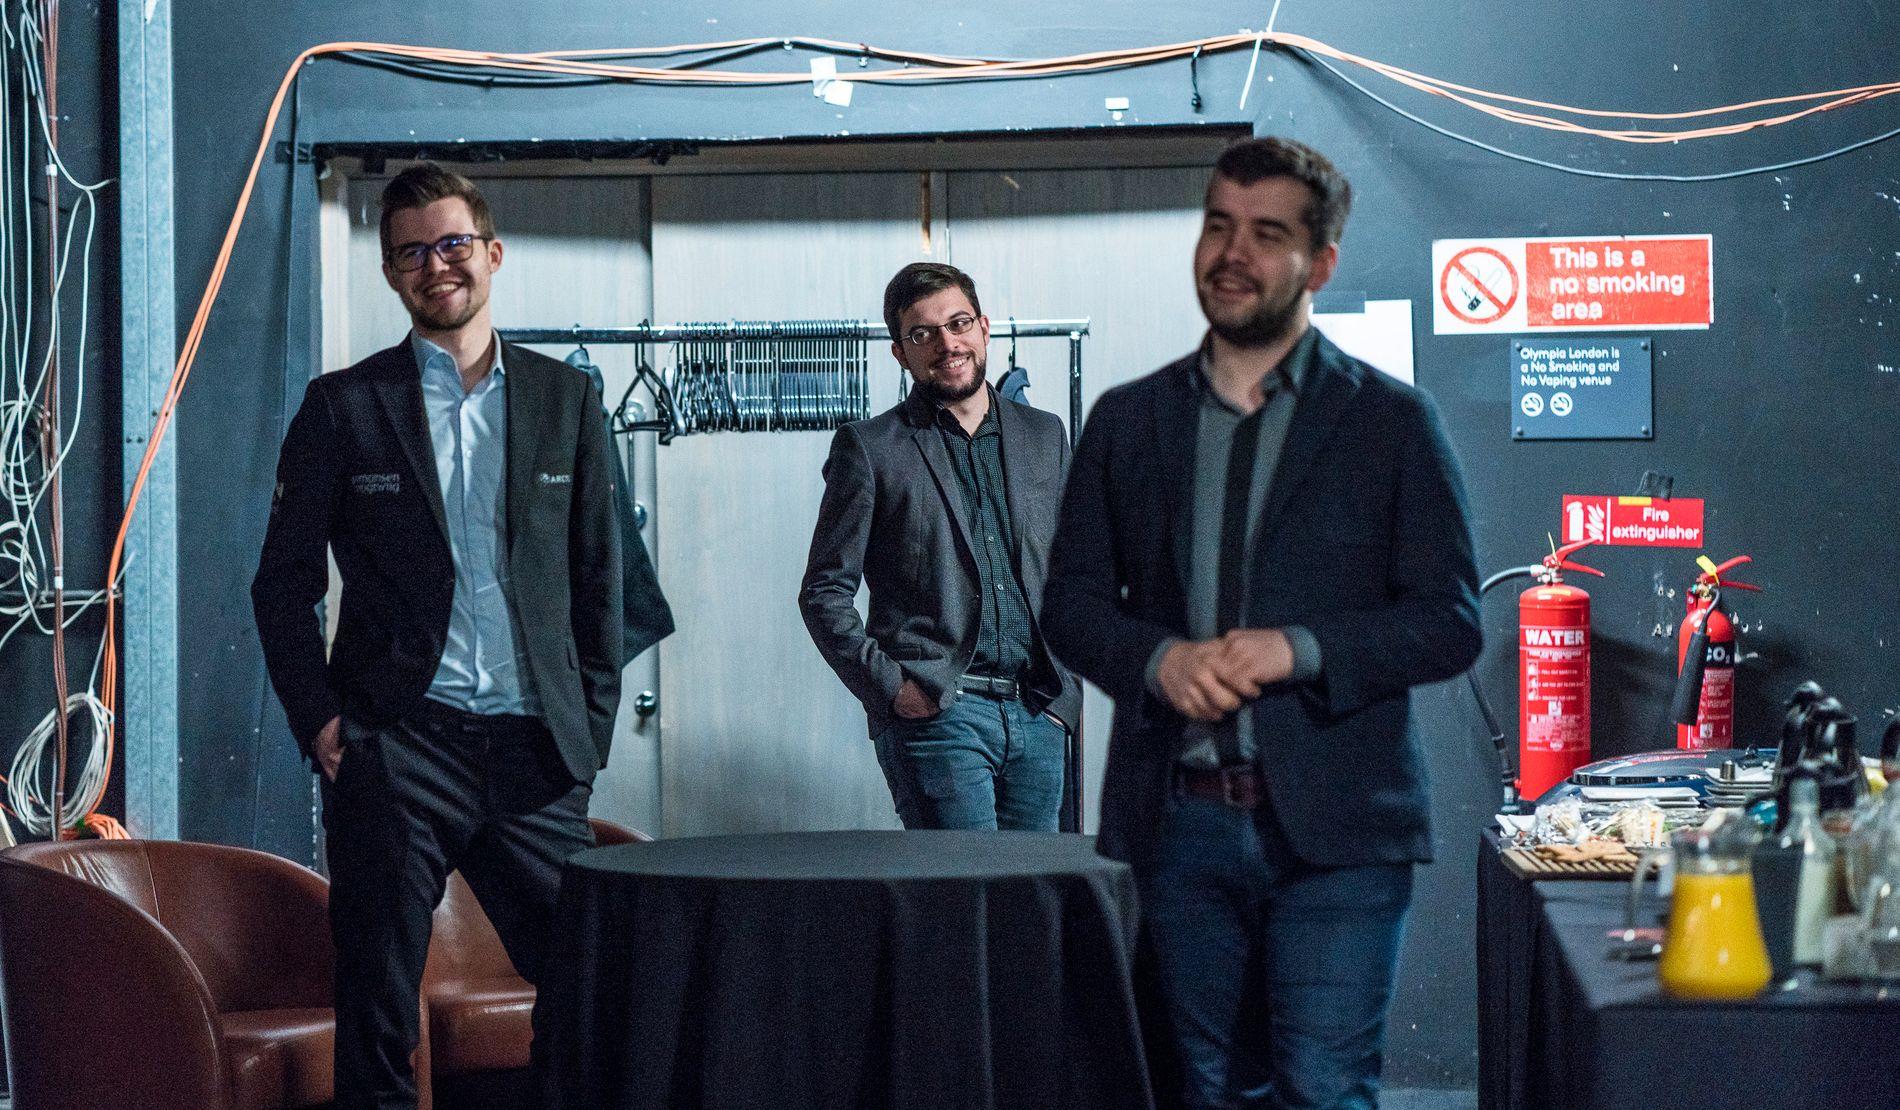 GODT HUMØR: Selv om det blir bare remis i partiene i London Classic, er spillerne i godt humør. Her er Magnus Carlsen (t.v.) sammen med to av dem han har best kontakt med av sjakktoppene, franske Maxime Vachier-Lagrave og russiske Jan Nepomnjasjtsji.